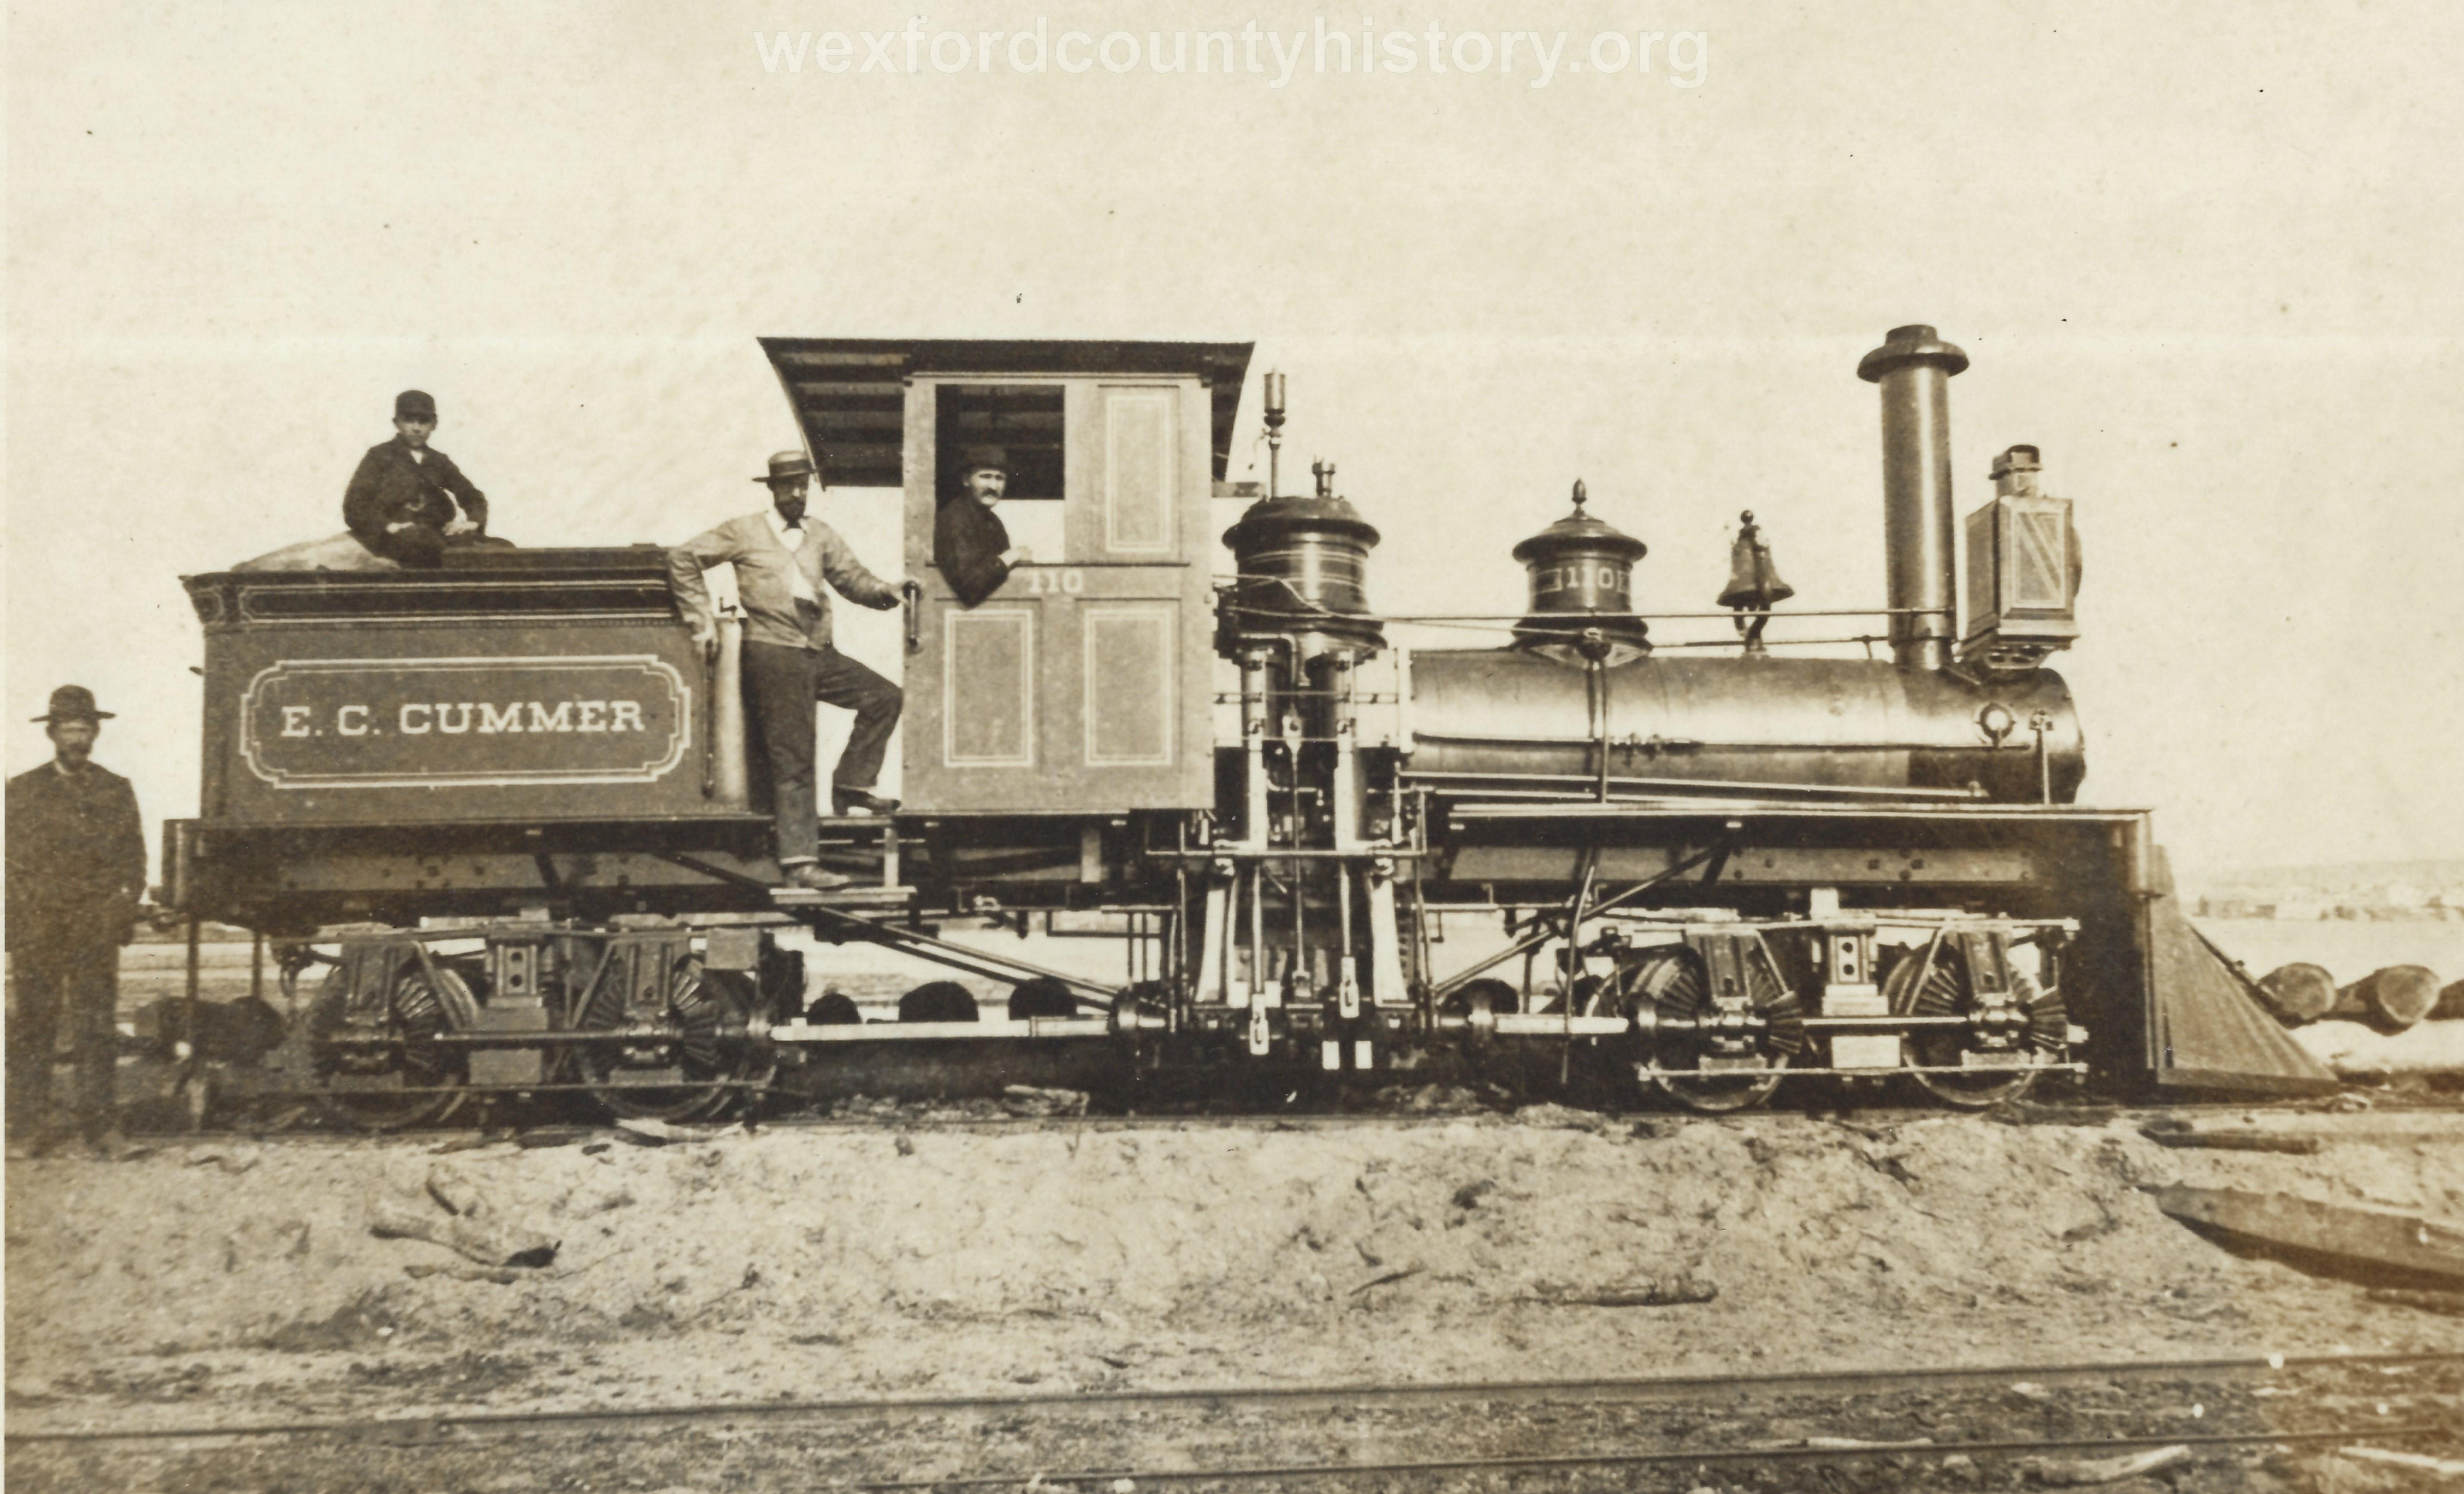 Cadillac-Railroad-Cummer-Logging-Train